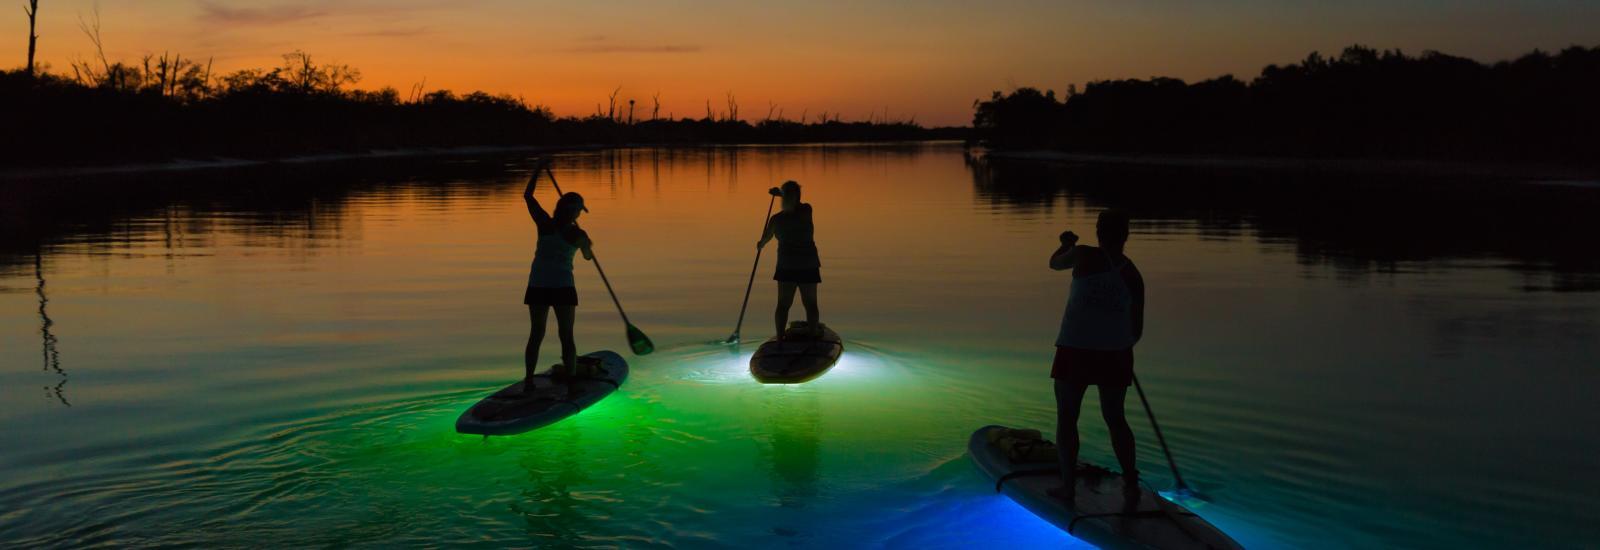 Things to Do in Englewood Beach & Punta Gorda, Florida